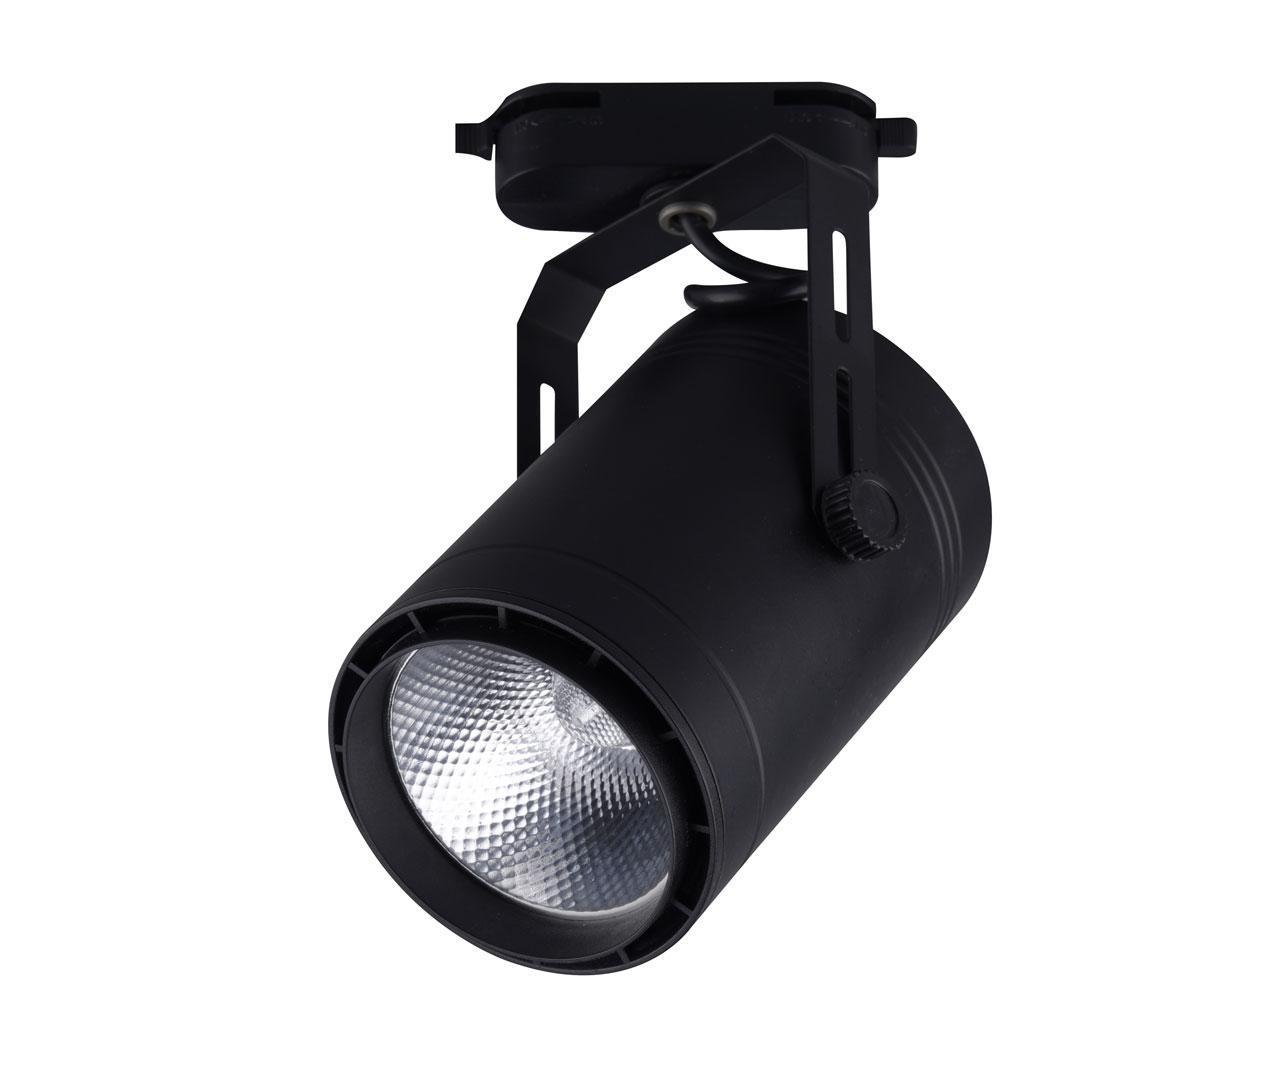 Трековый светодиодный светильник Kink Light Треки 6483-1,19 светильник kink light треки kl 6483 2 19